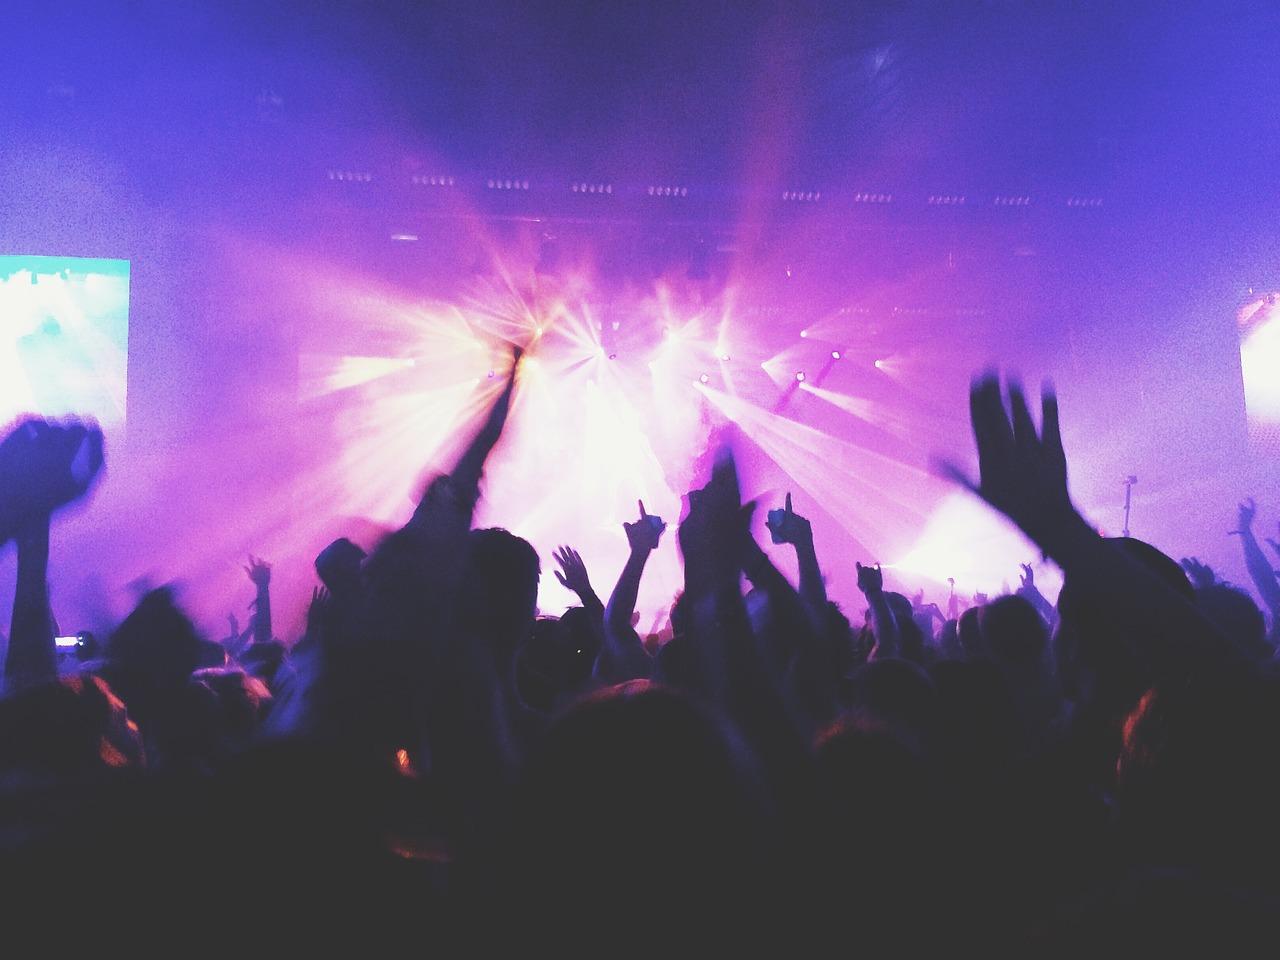 concert 1149979 1280 - あなたも出来る!クラブナンパでお持ち帰りできる方法まとめ